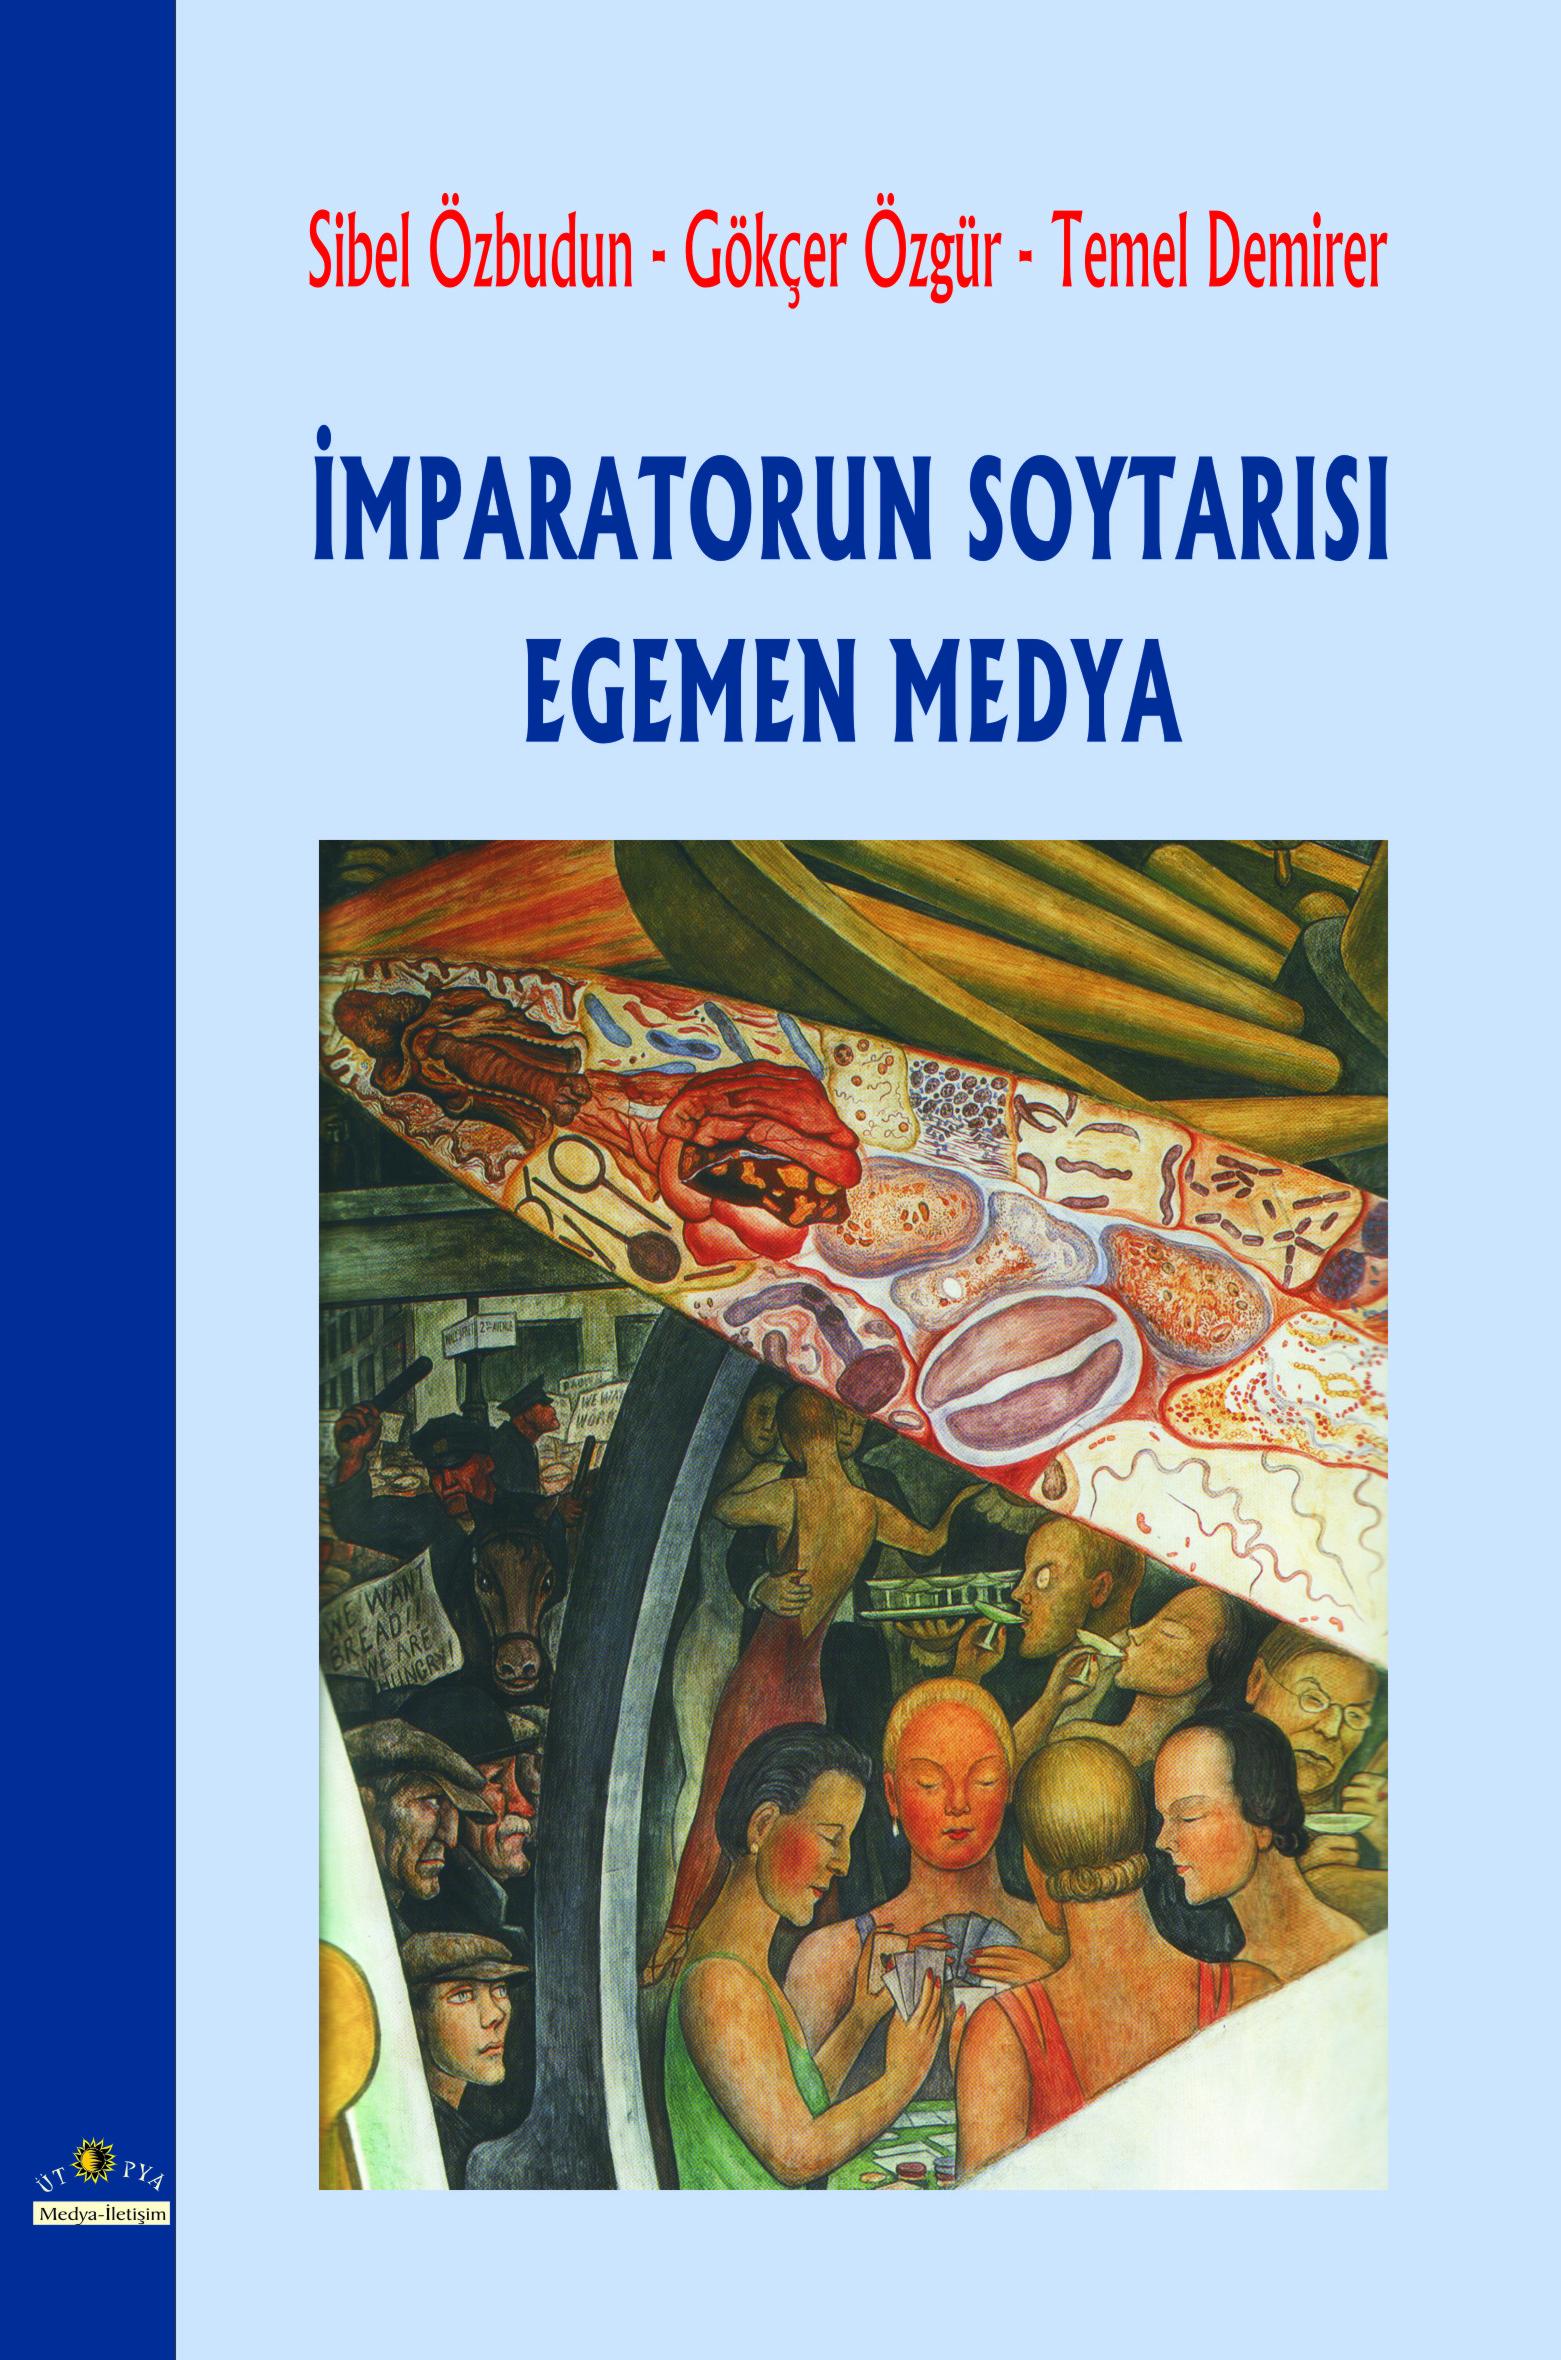 imparatorun soytarısı egemen medya